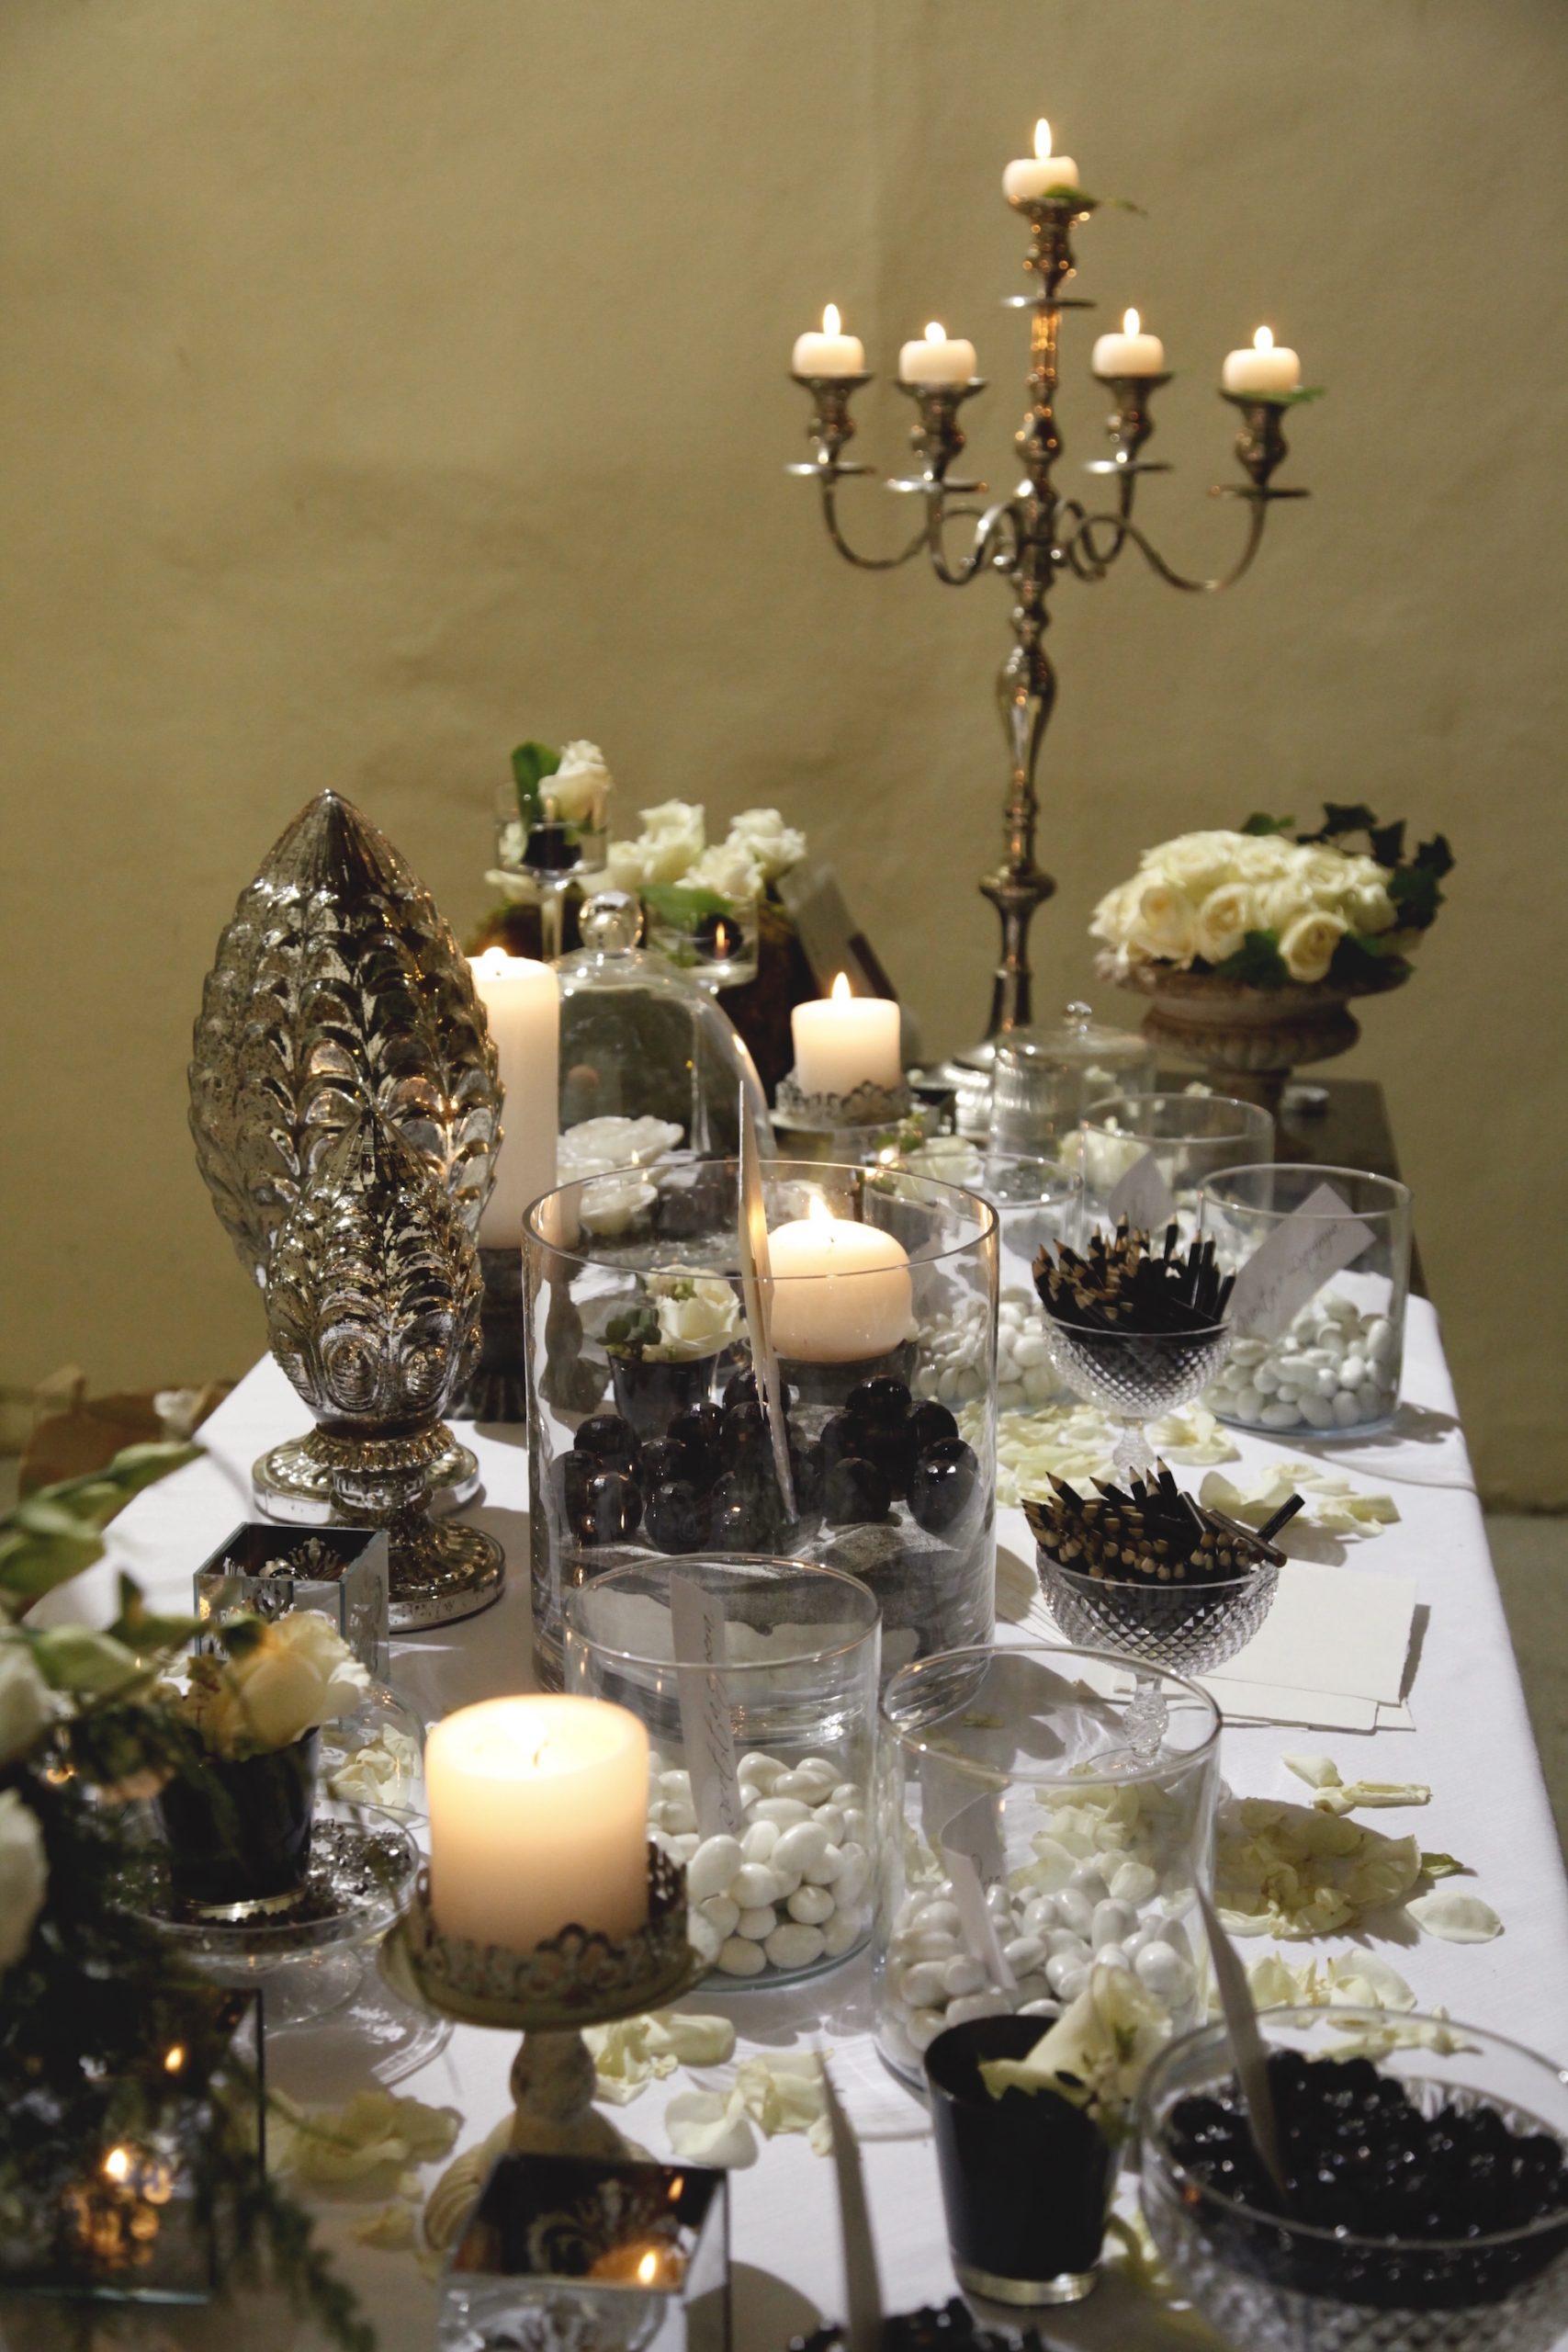 matrimonio bianco e nero - Antonella Amato Wedding Planner 2